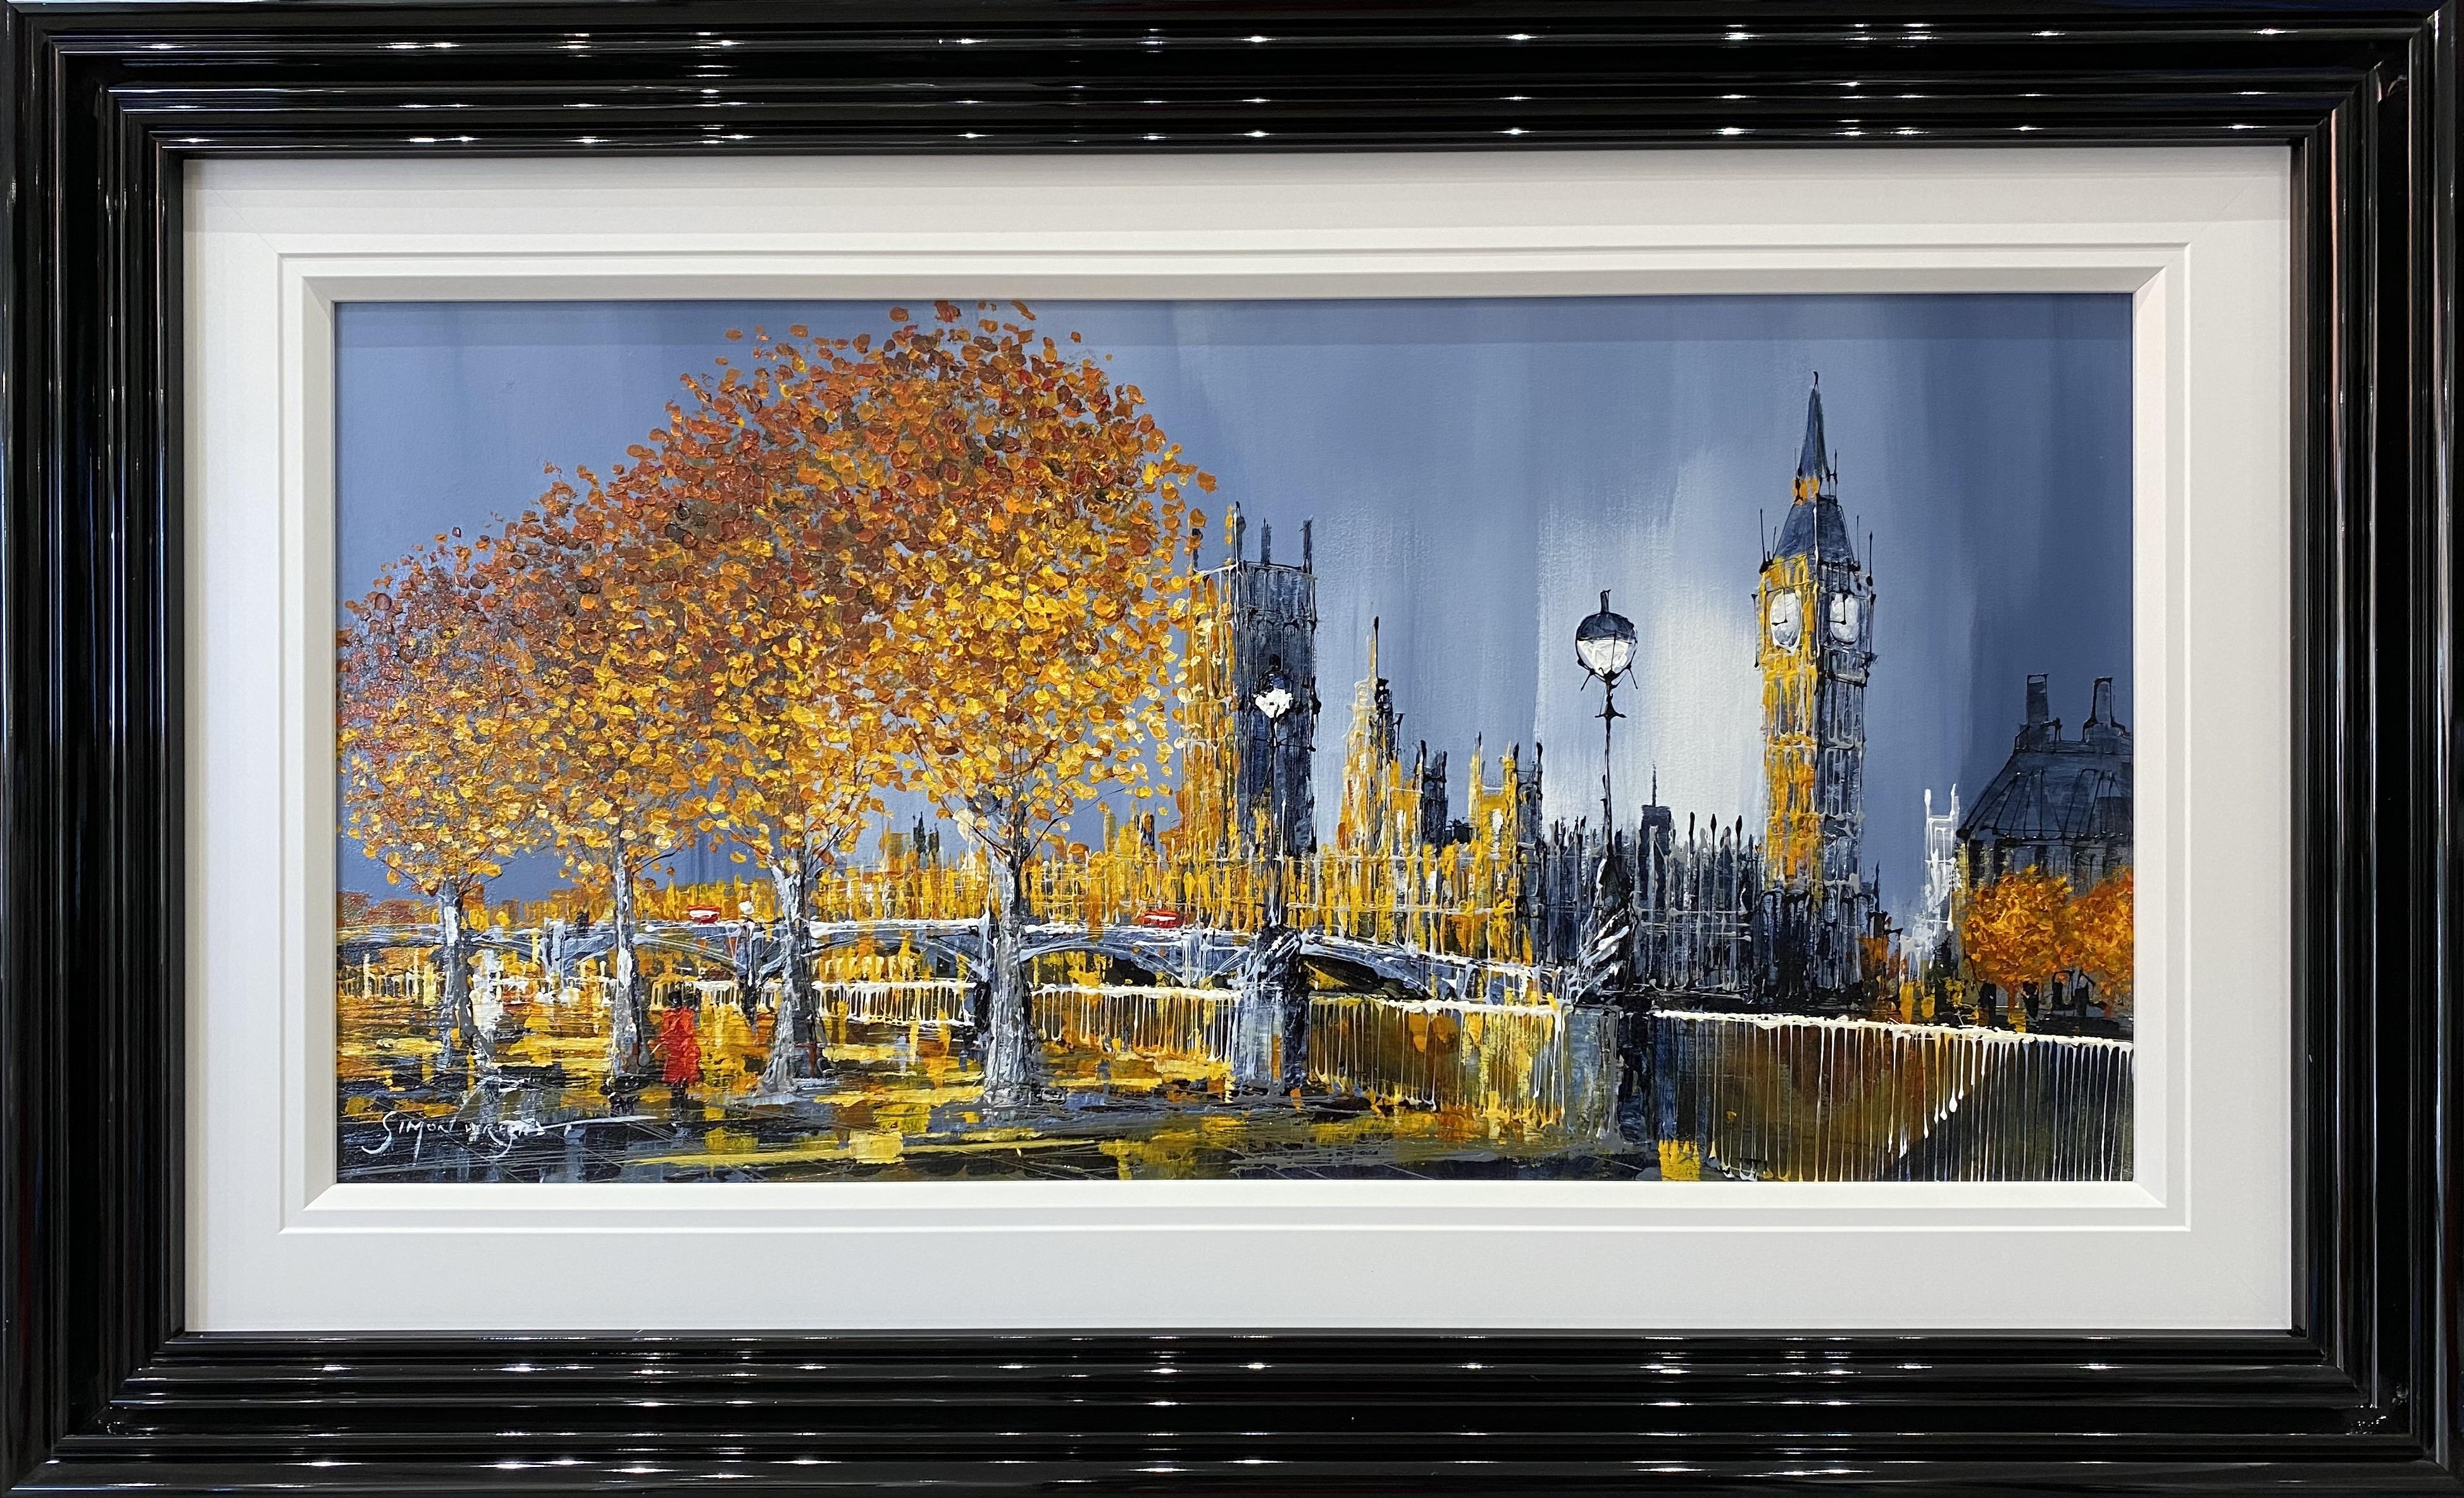 Autumn Glow by Simon Wright